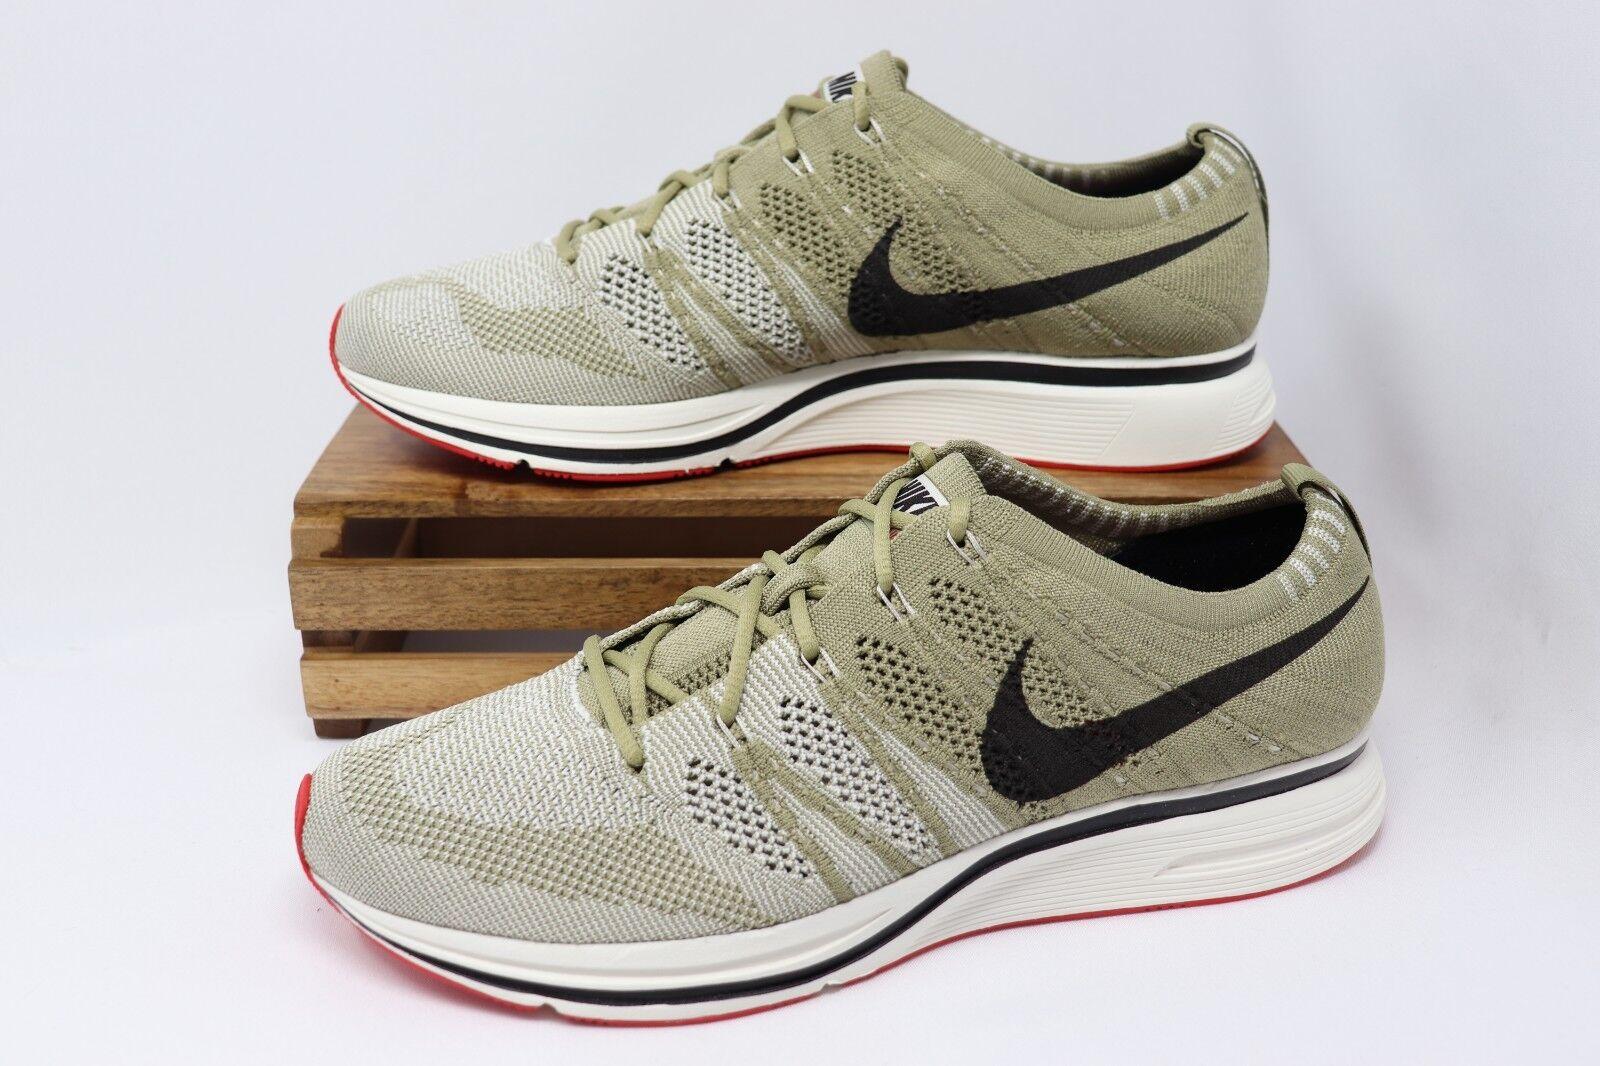 Nike Flyknit Trainer shoes Neutral Olive Velvet Brown AH8396-201 Men's NEW